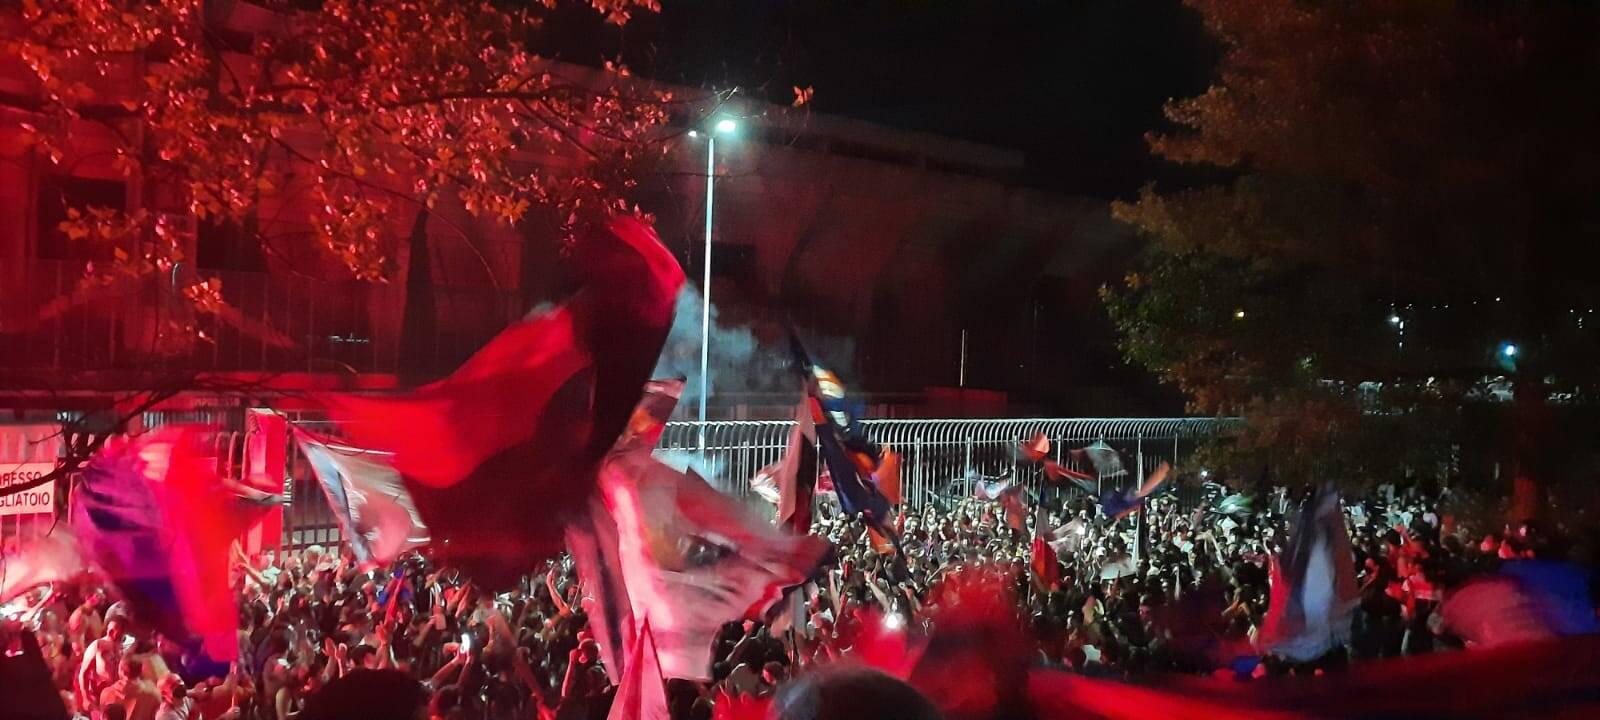 festa stadio promozione Campobasso